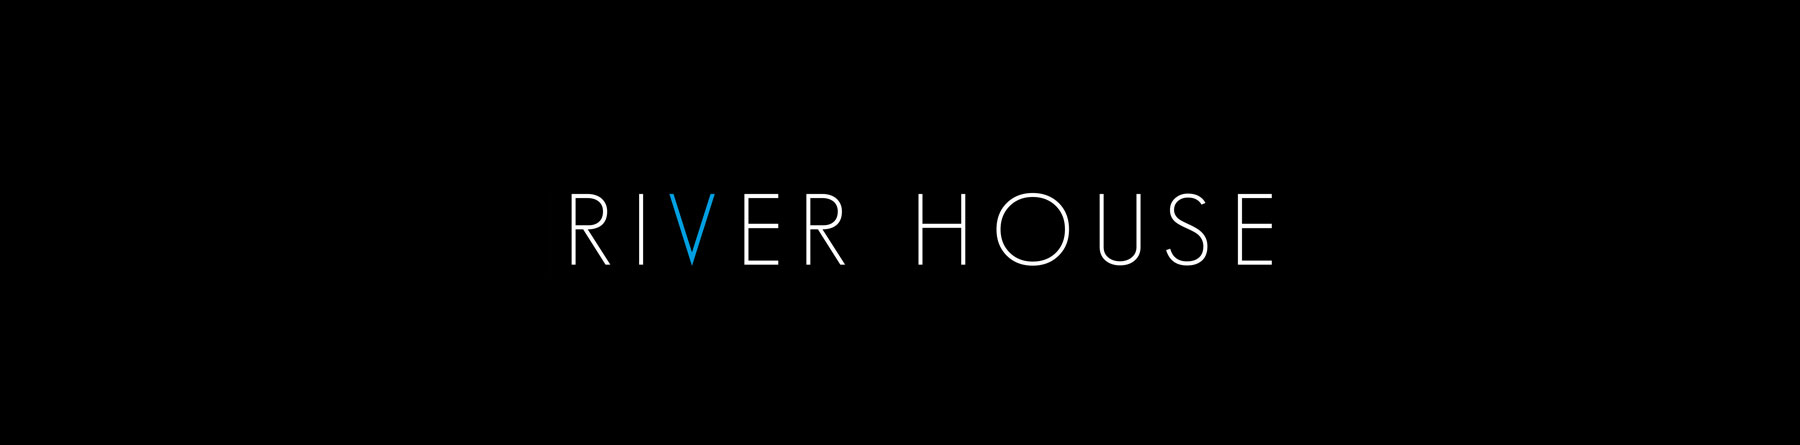 slider-river-house-1